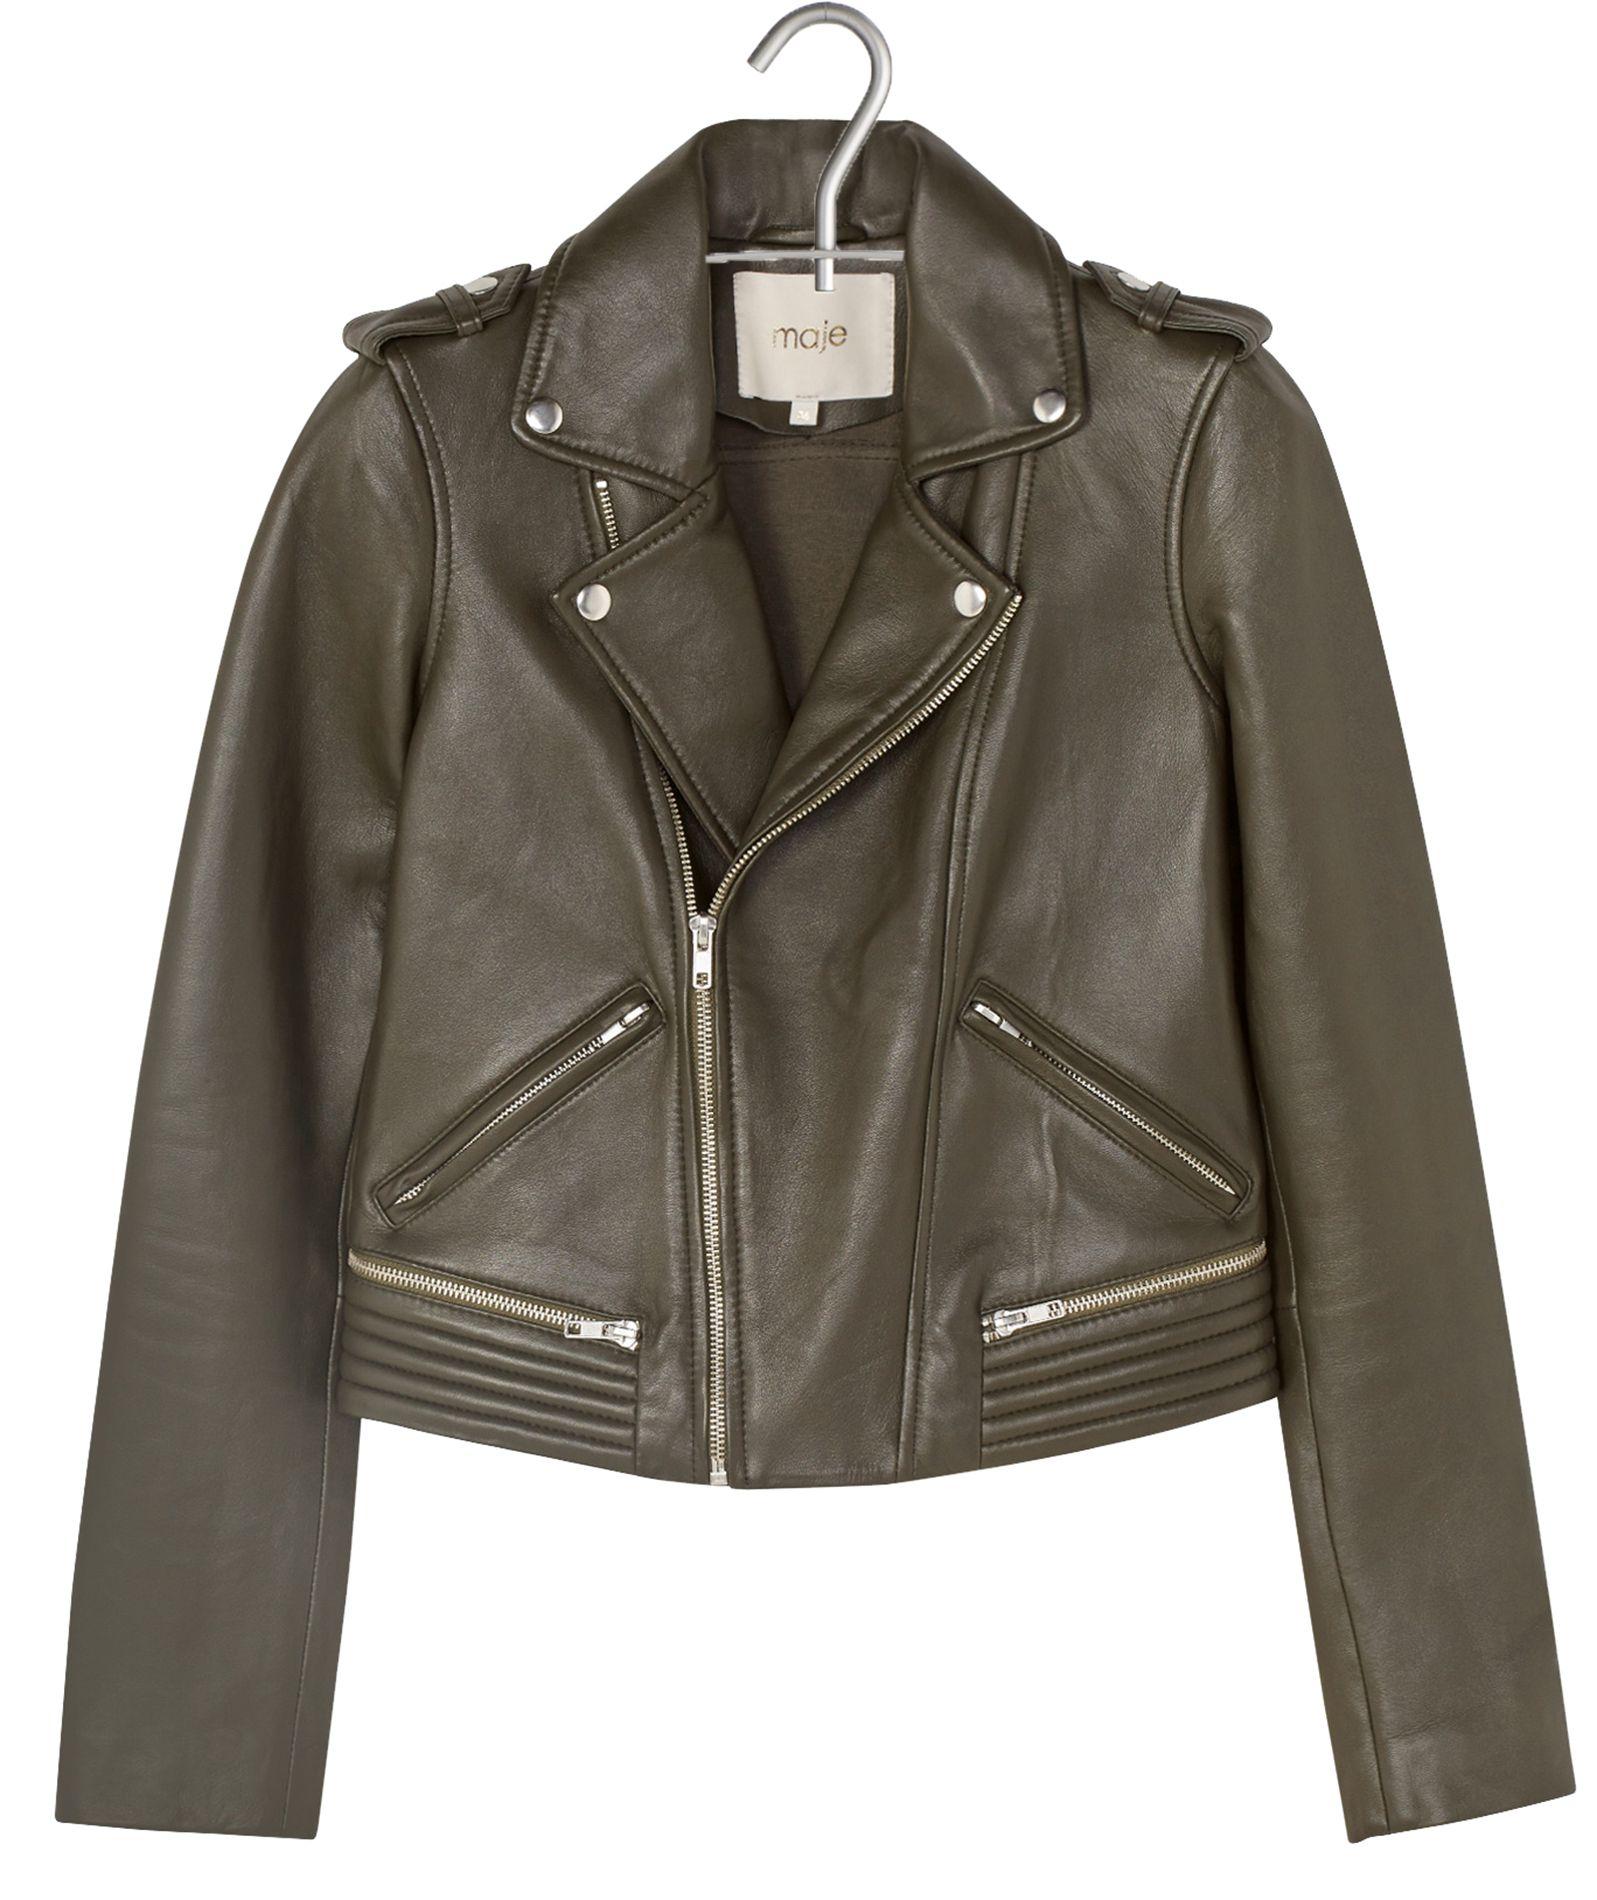 veste en cuir vert kaki femme les vestes la mode sont populaires partout dans le monde. Black Bedroom Furniture Sets. Home Design Ideas